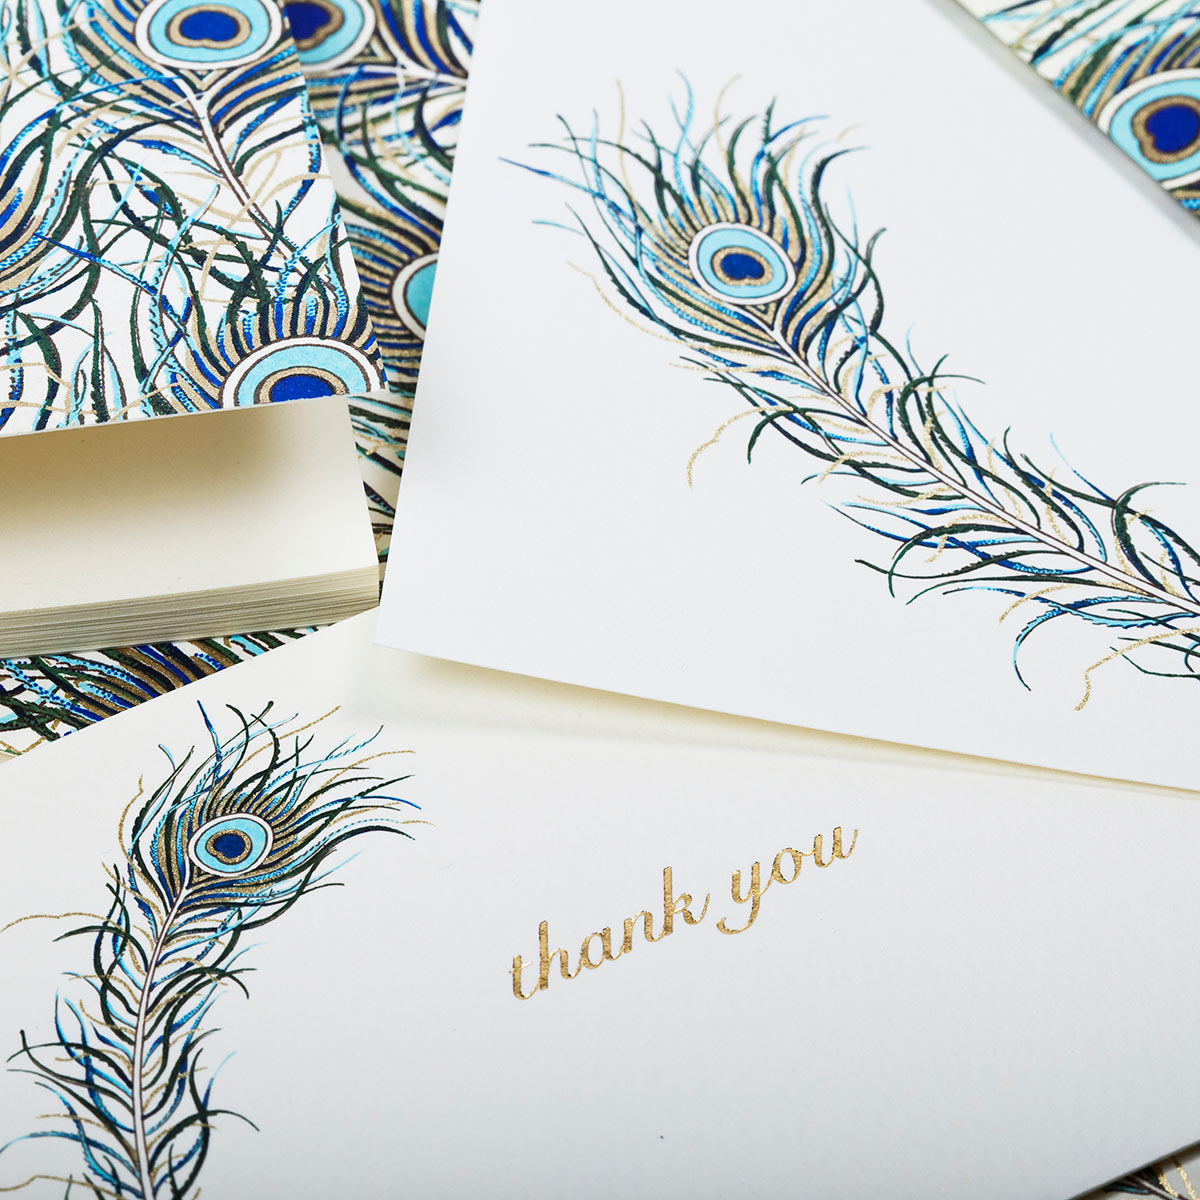 Carta classica italiana con piume di pavone